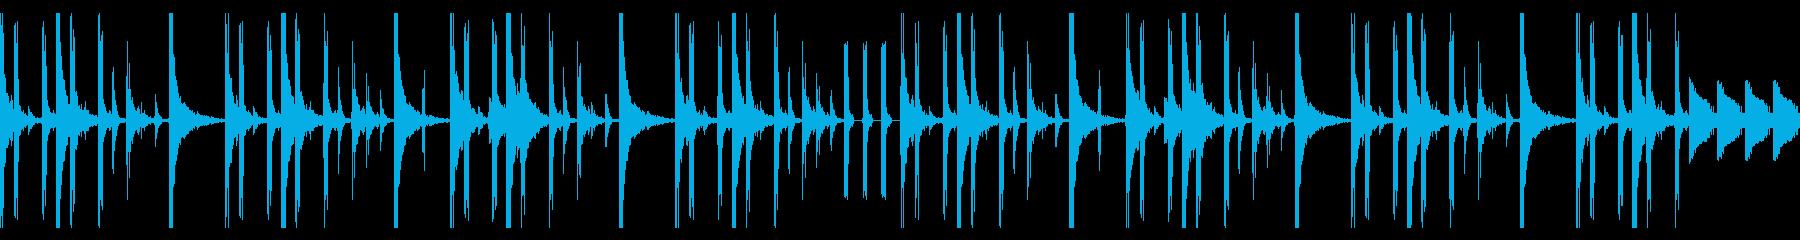 80sのHiphopを意識したビートの再生済みの波形